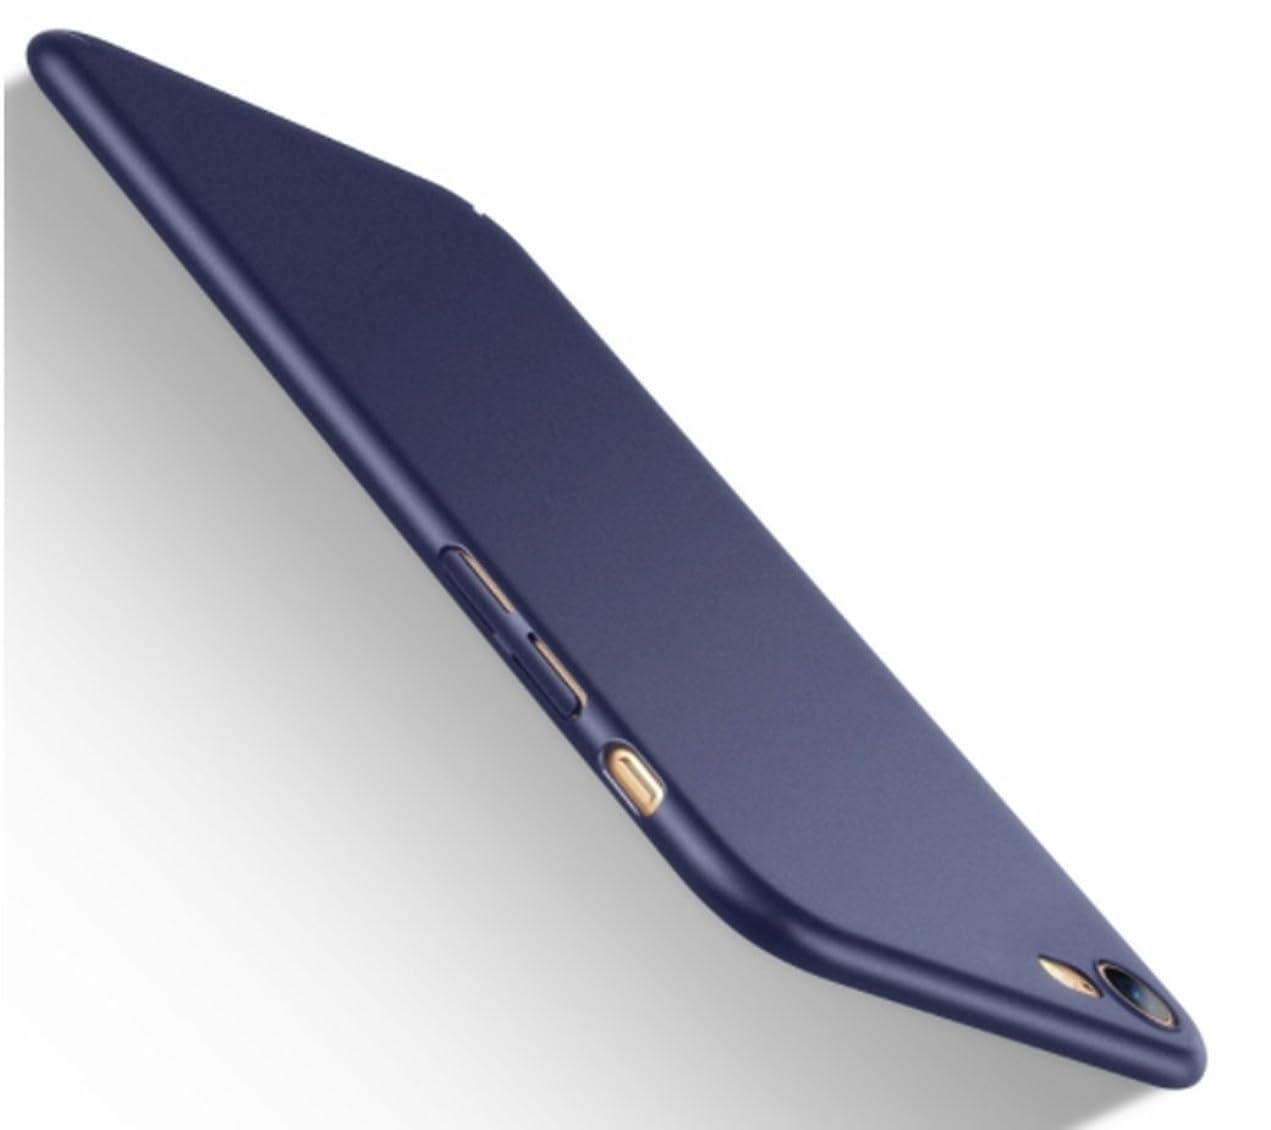 付けるいろいろ見せますiPhone8 ケース iPhone7ケース [ 薄型 軽量 ] [ ワイヤレス充電対応 ] [ レンズ保護 耐衝撃 指紋防止 ] 【改良型 ストラップホール付き ストラッププレゼント】 PC 全面保護 アイフォン8ケース アイフォン7ケース カバー (iPhone8/iPhone7, ブルー)